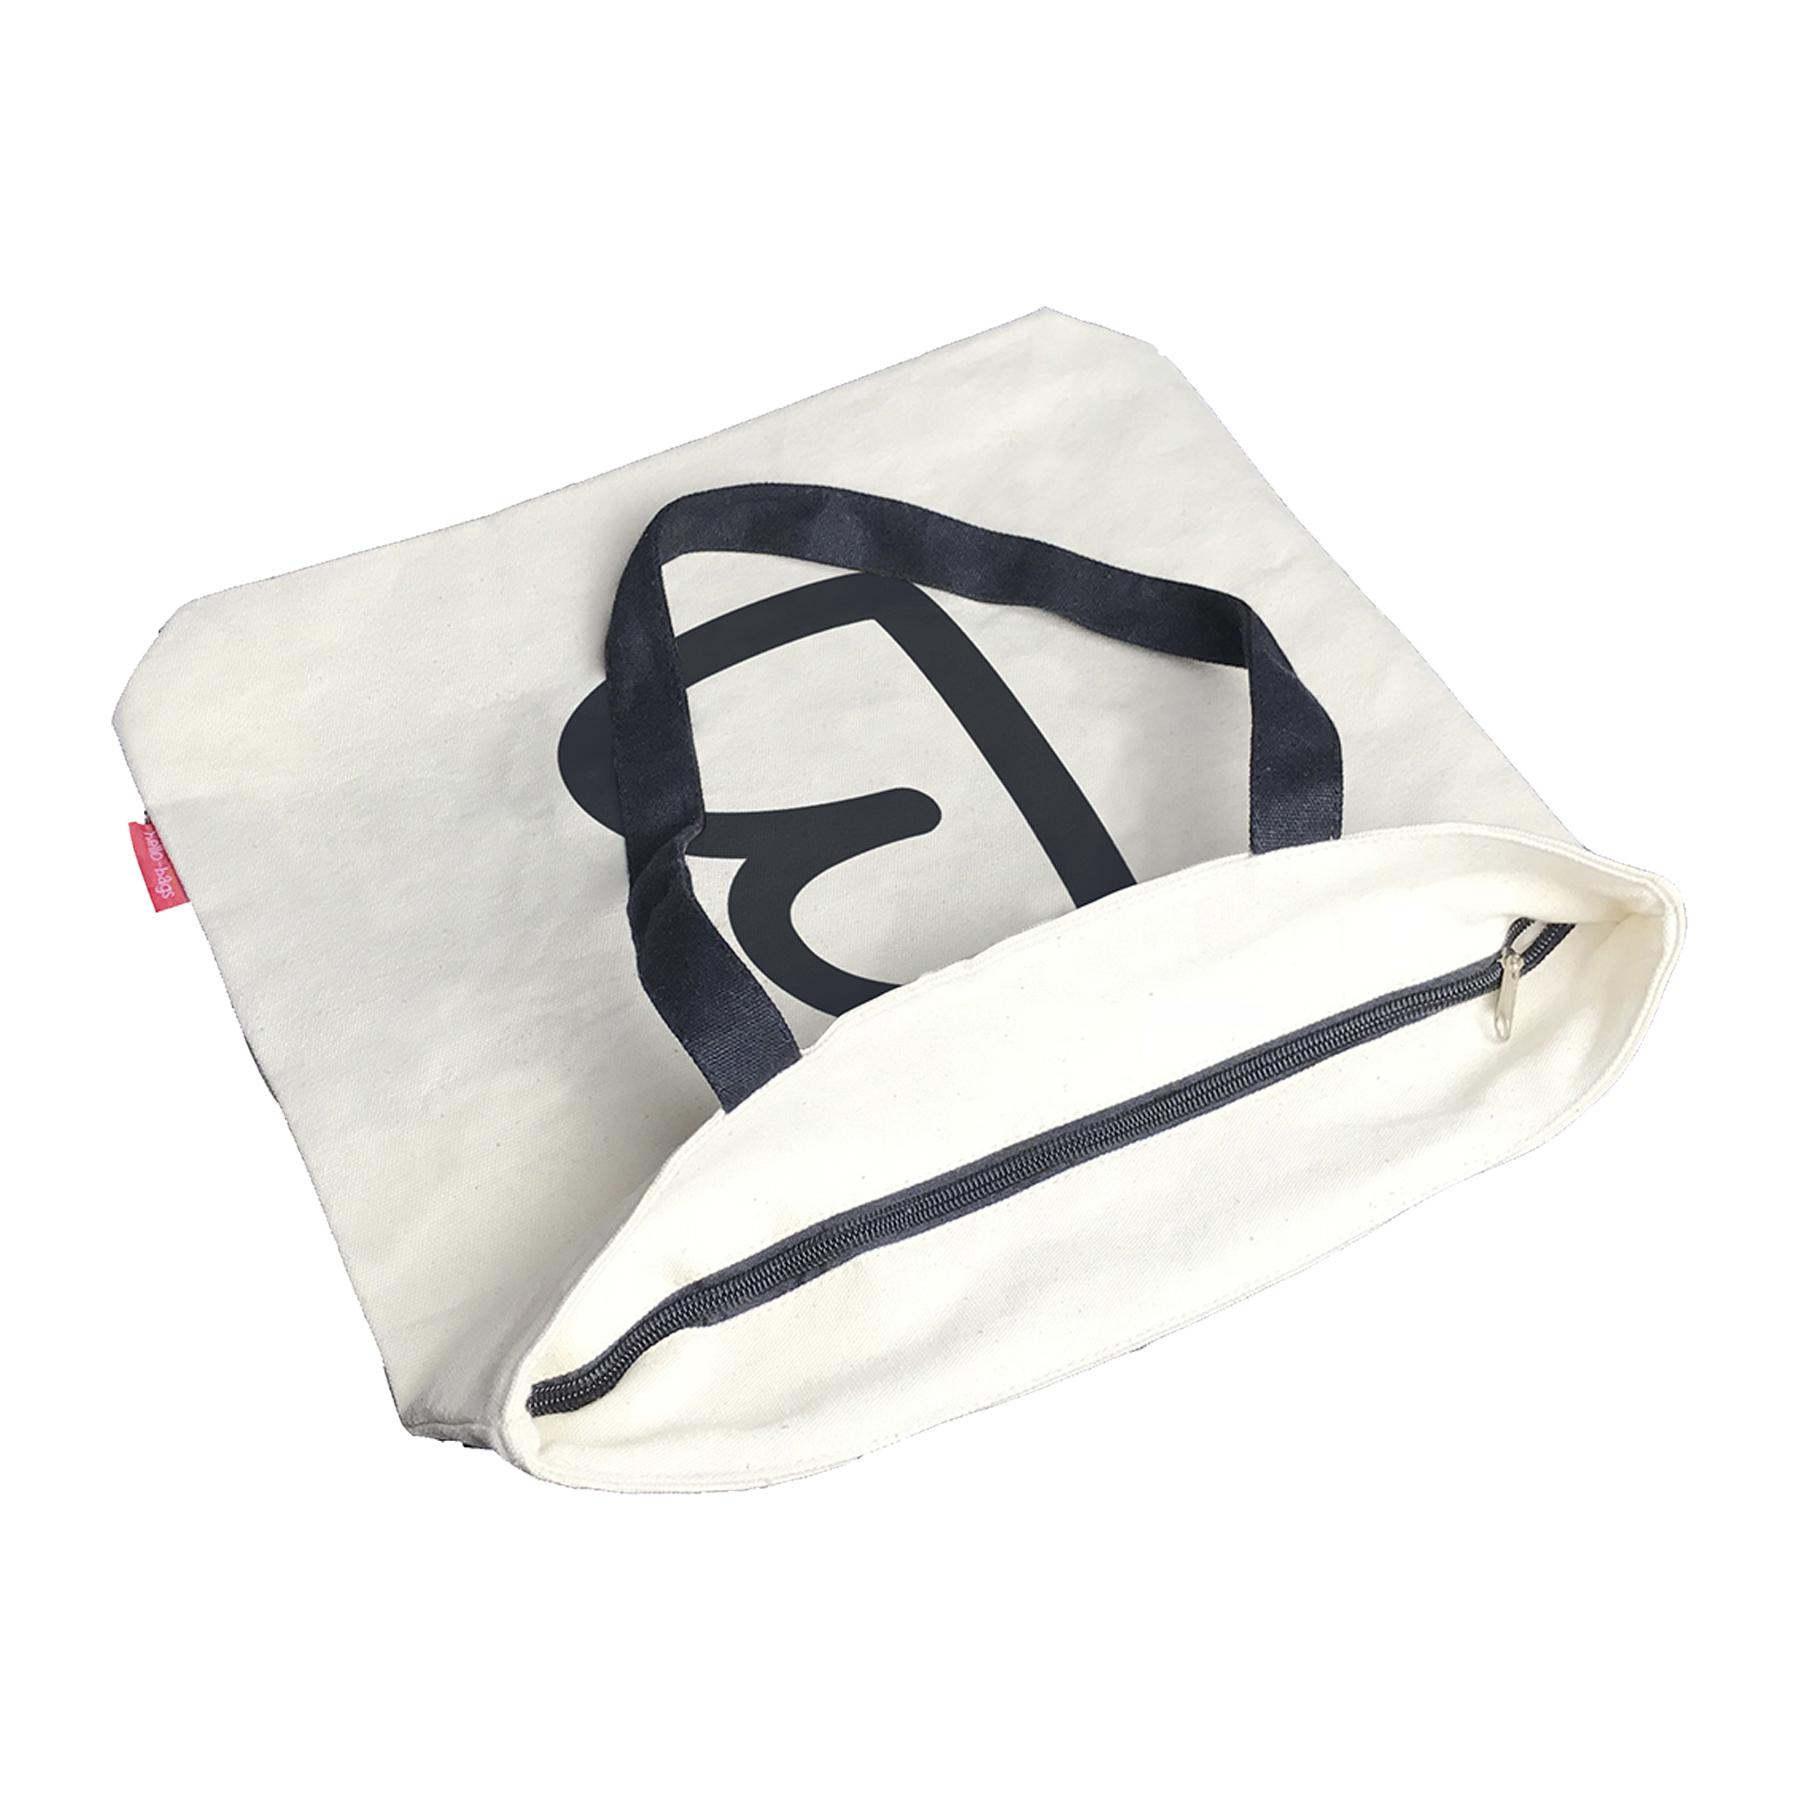 Bolso Tote con Cremallera Negro Forro y Bolsillo Interior Hello-Bags 38 cm